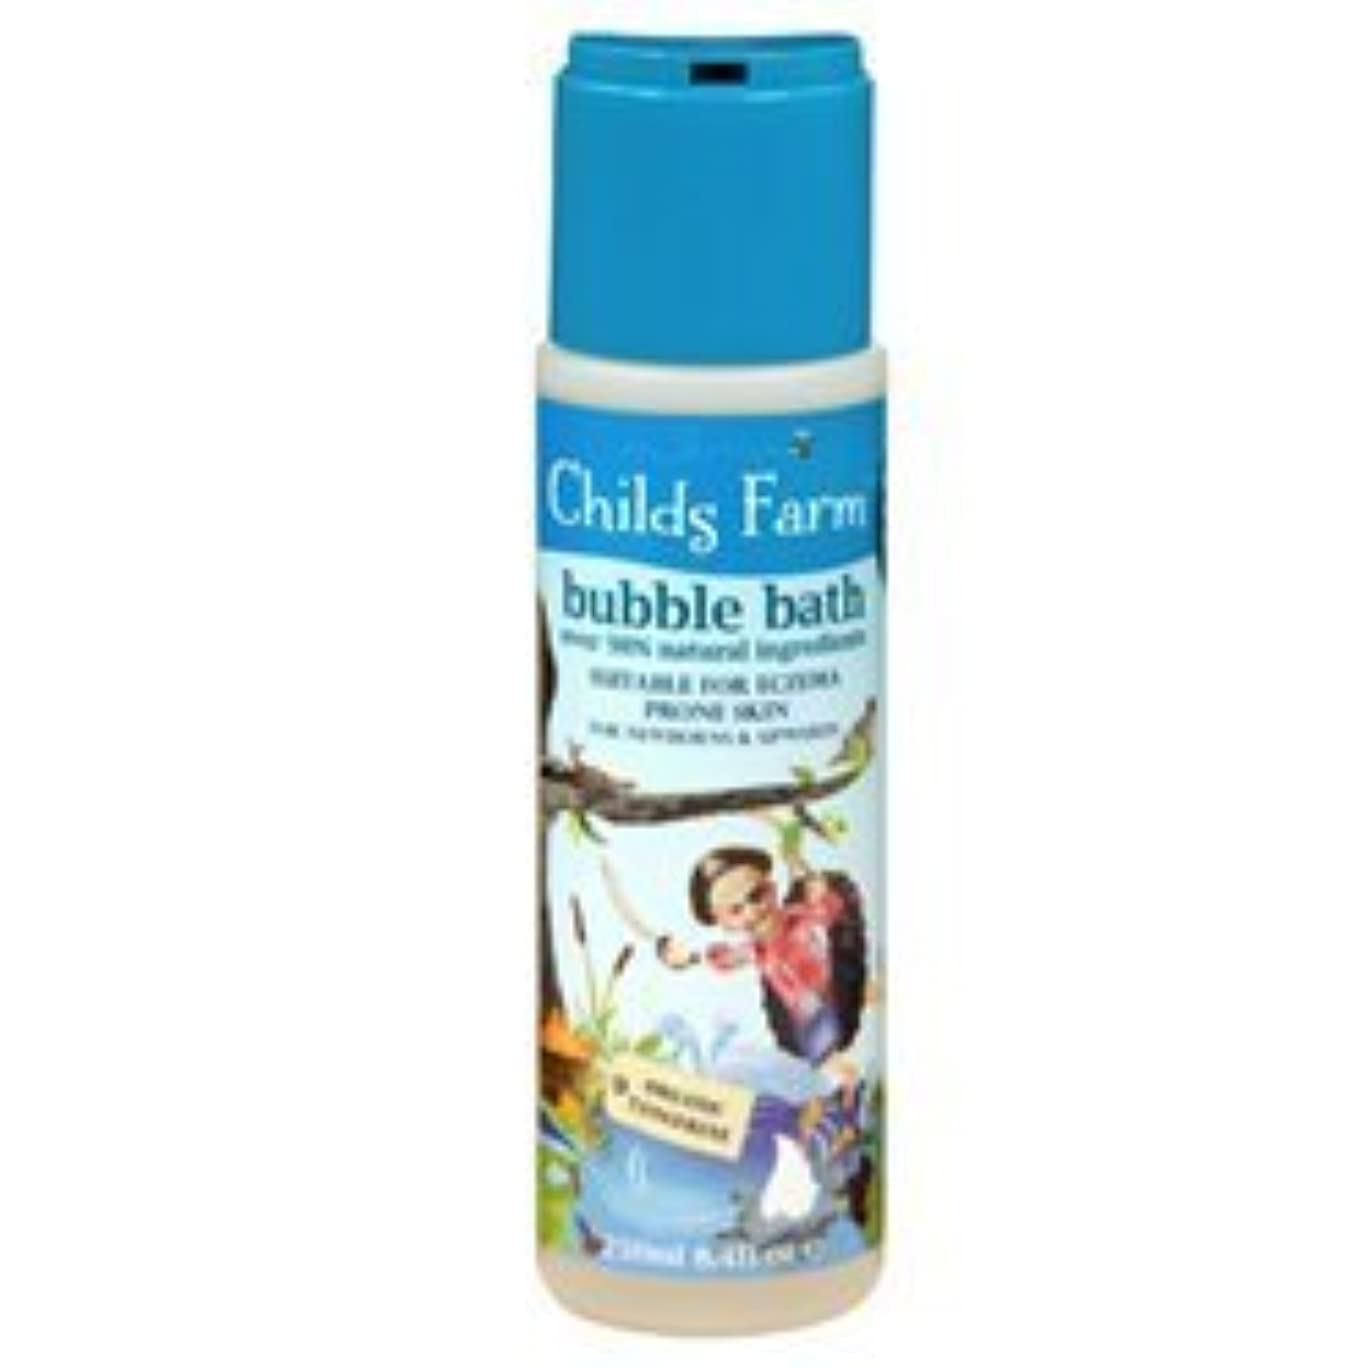 チーズ罹患率ゲストChilds Farm Bubble bath for Buccaneers 250ml x 1 by Childs Farm [並行輸入品]